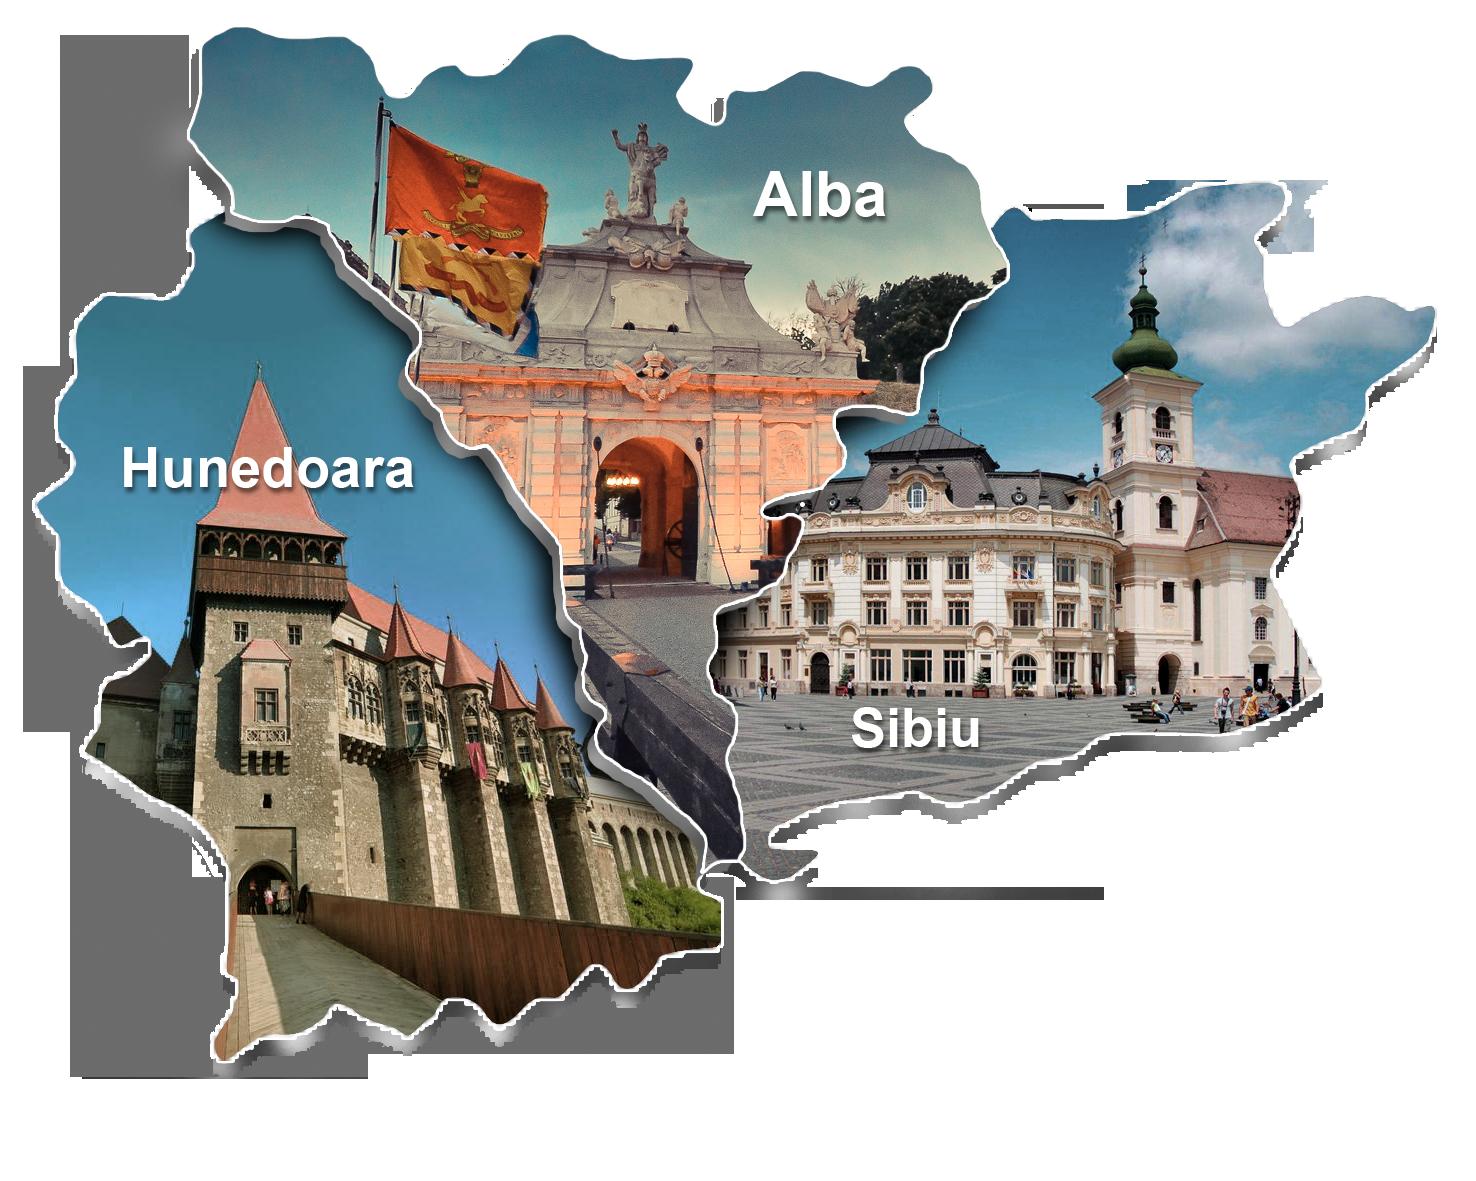 Executori judecatoresti Alba Sibiu Hunedoara